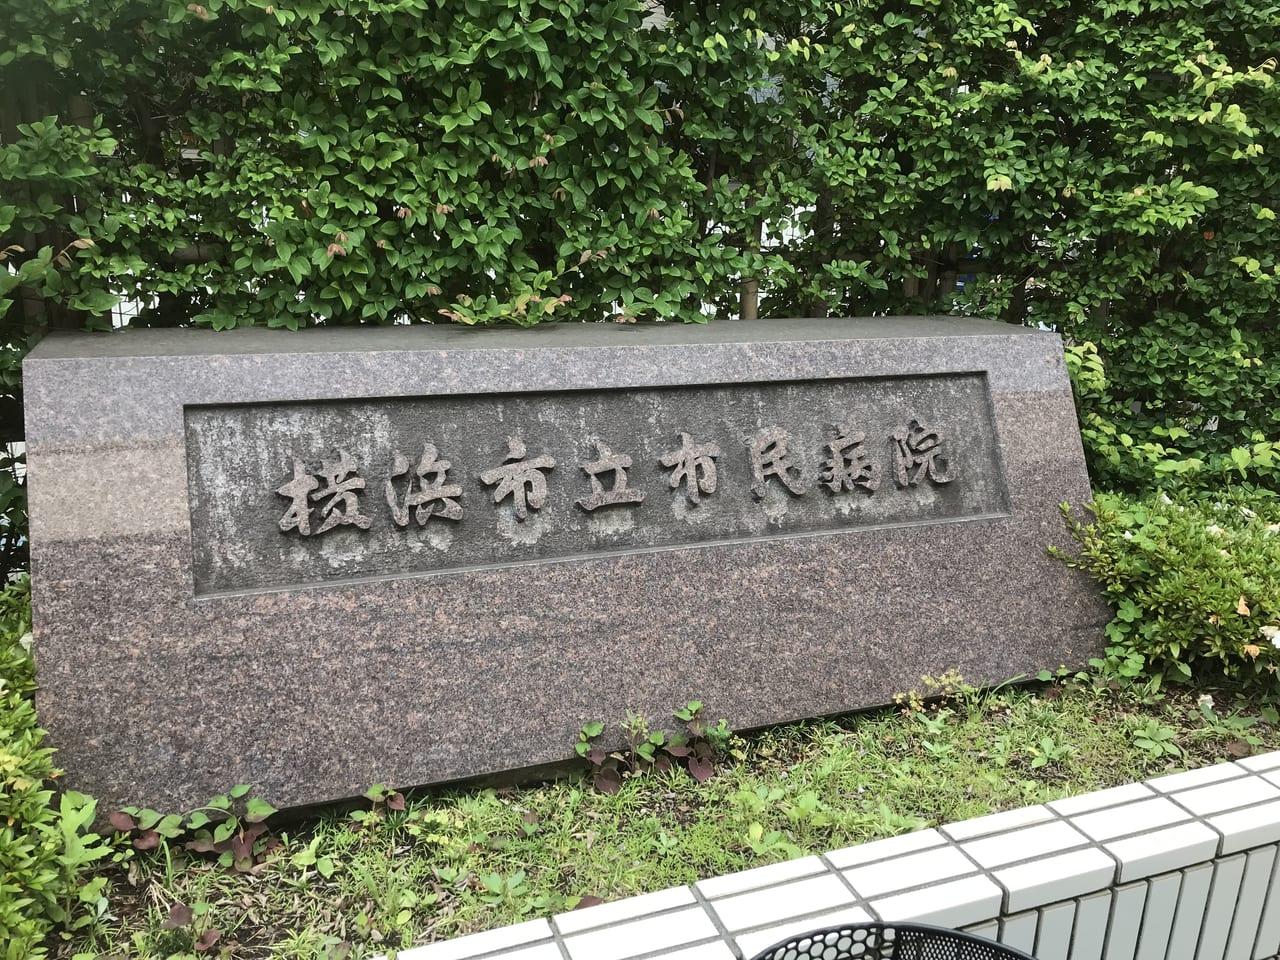 移転前の市立病院の看板